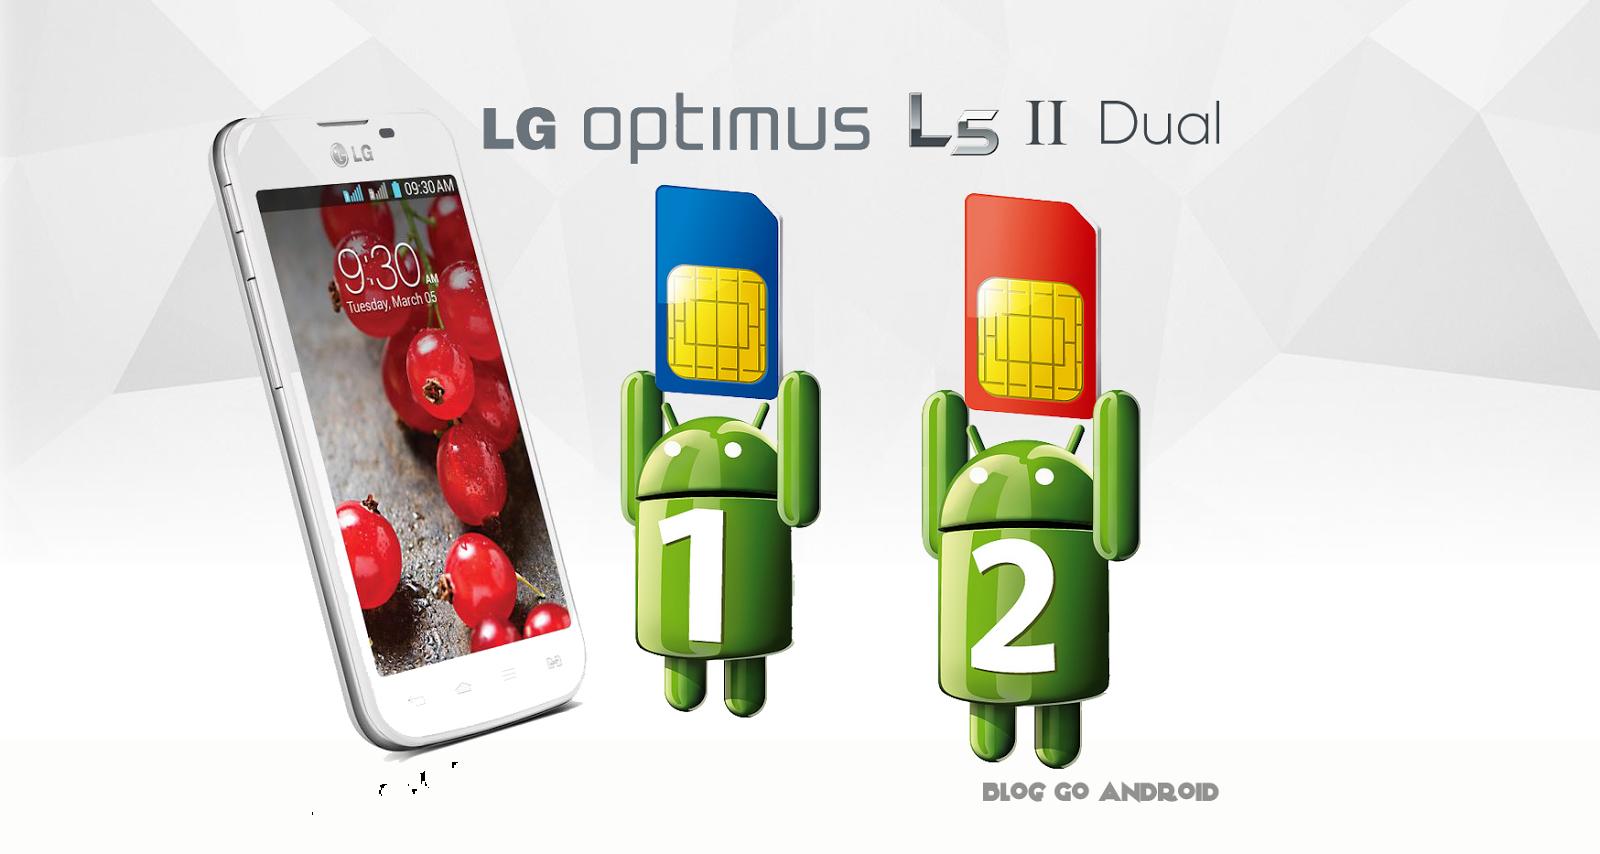 imagens de papel de parede para celular lg optimus l5 - Como inserir uma foto inteira de papel de parede no LG Optimus